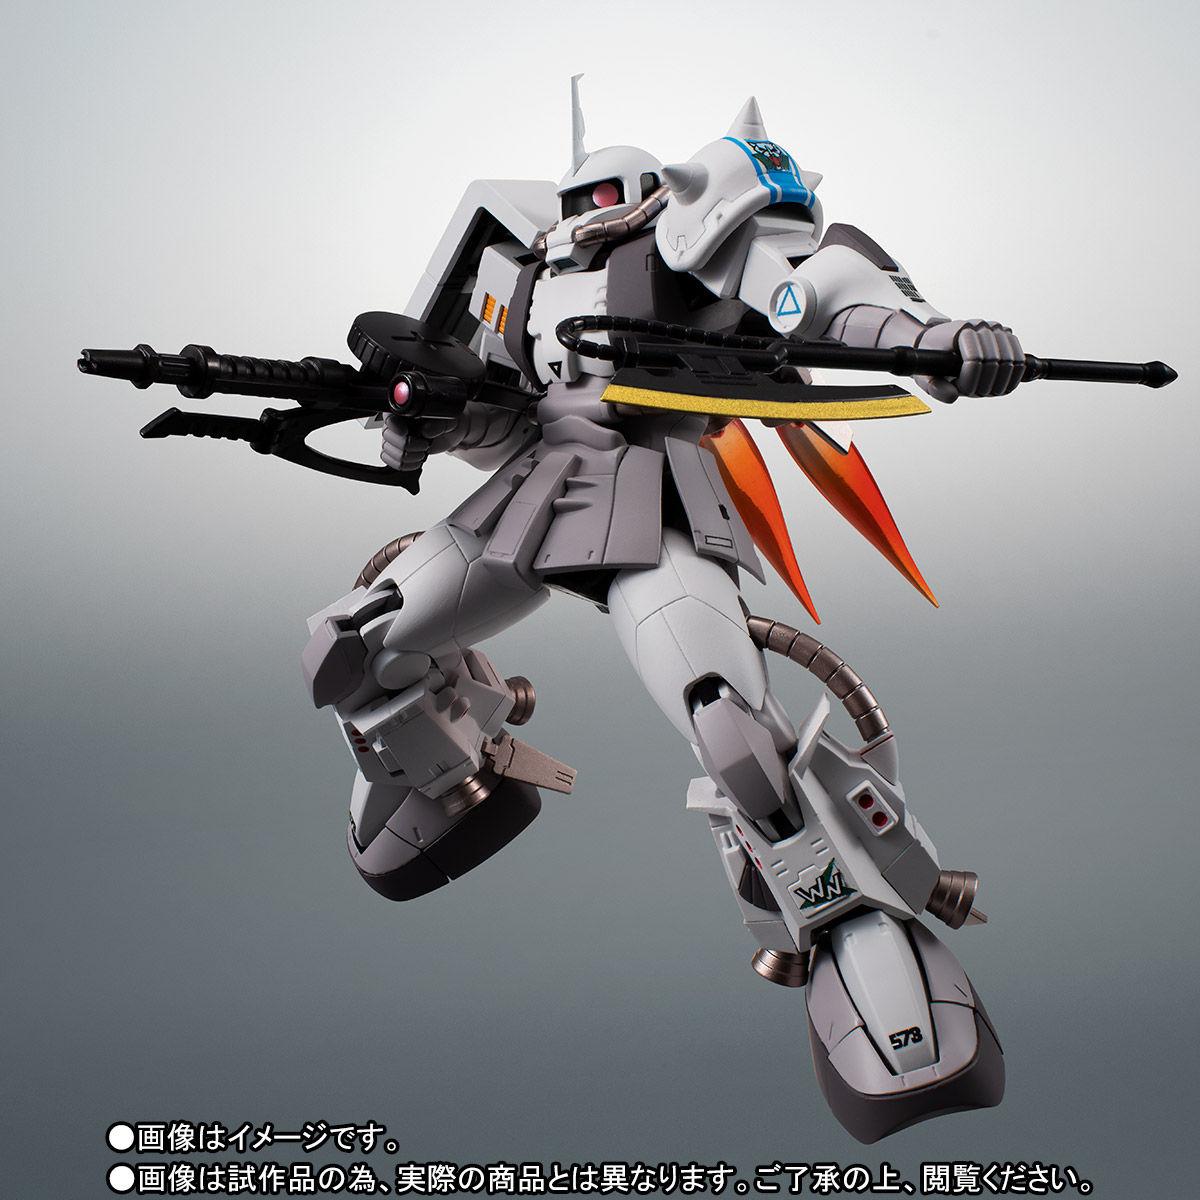 【限定販売】ROBOT魂〈SIDE MS〉『MS-06R-1A シン・マツナガ専用高機動型ザクII ver. A.N.I.M.E.』ガンダムMSV 可動フィギュア-007